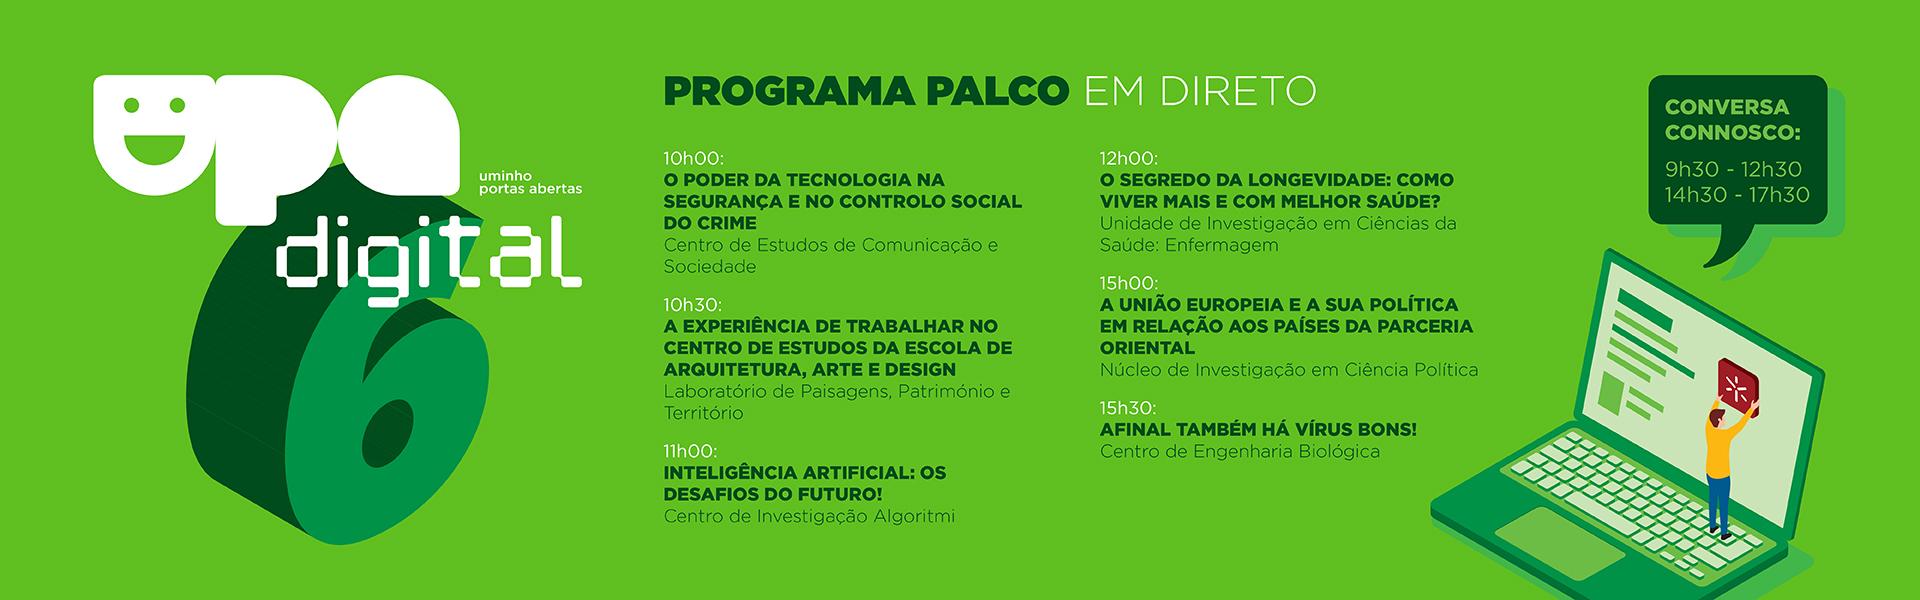 Programa - 6 de maio